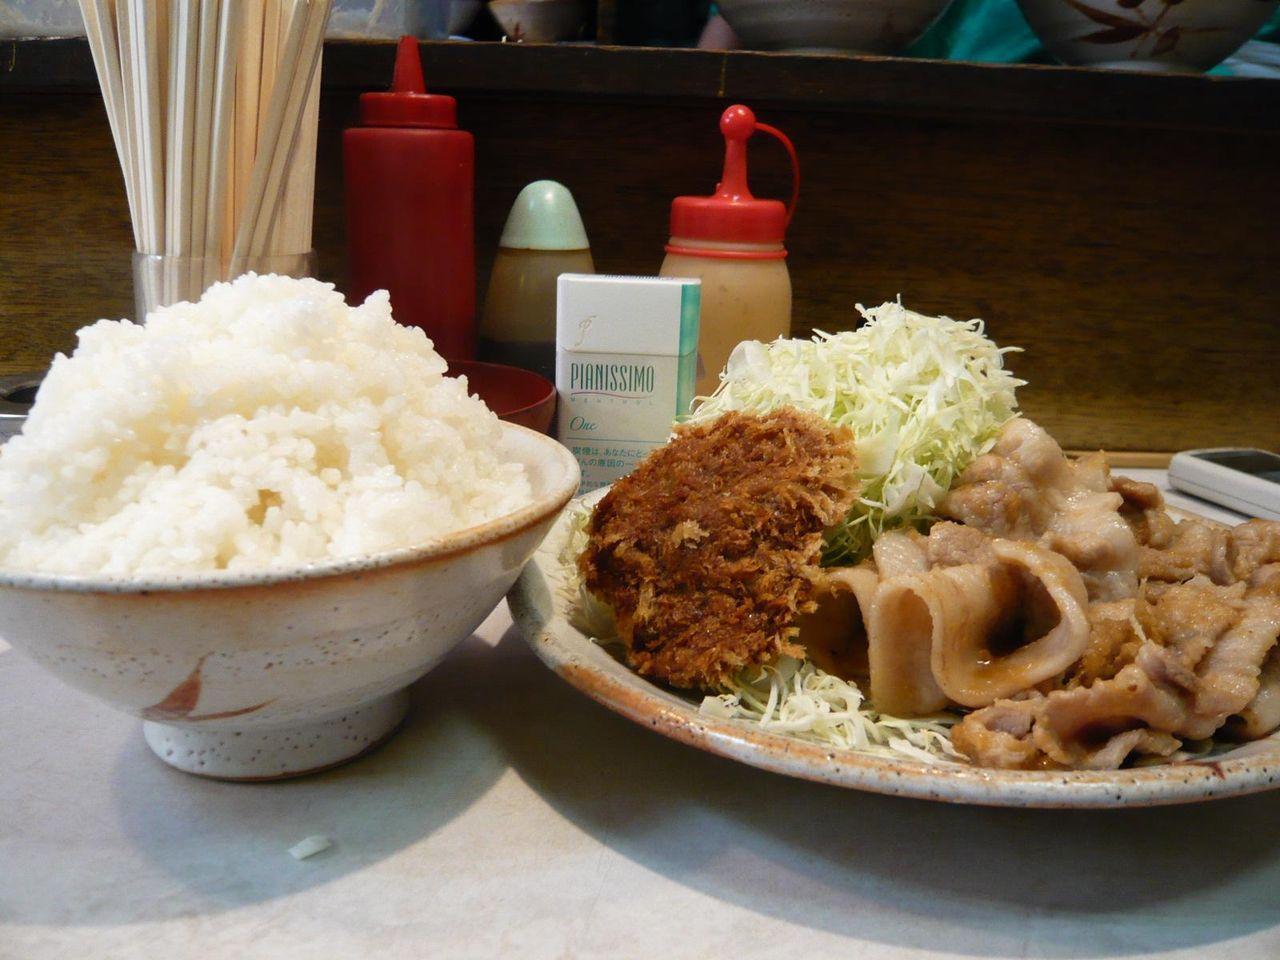 ご飯はセルフなので、日本昔話風に盛り付けてみました!